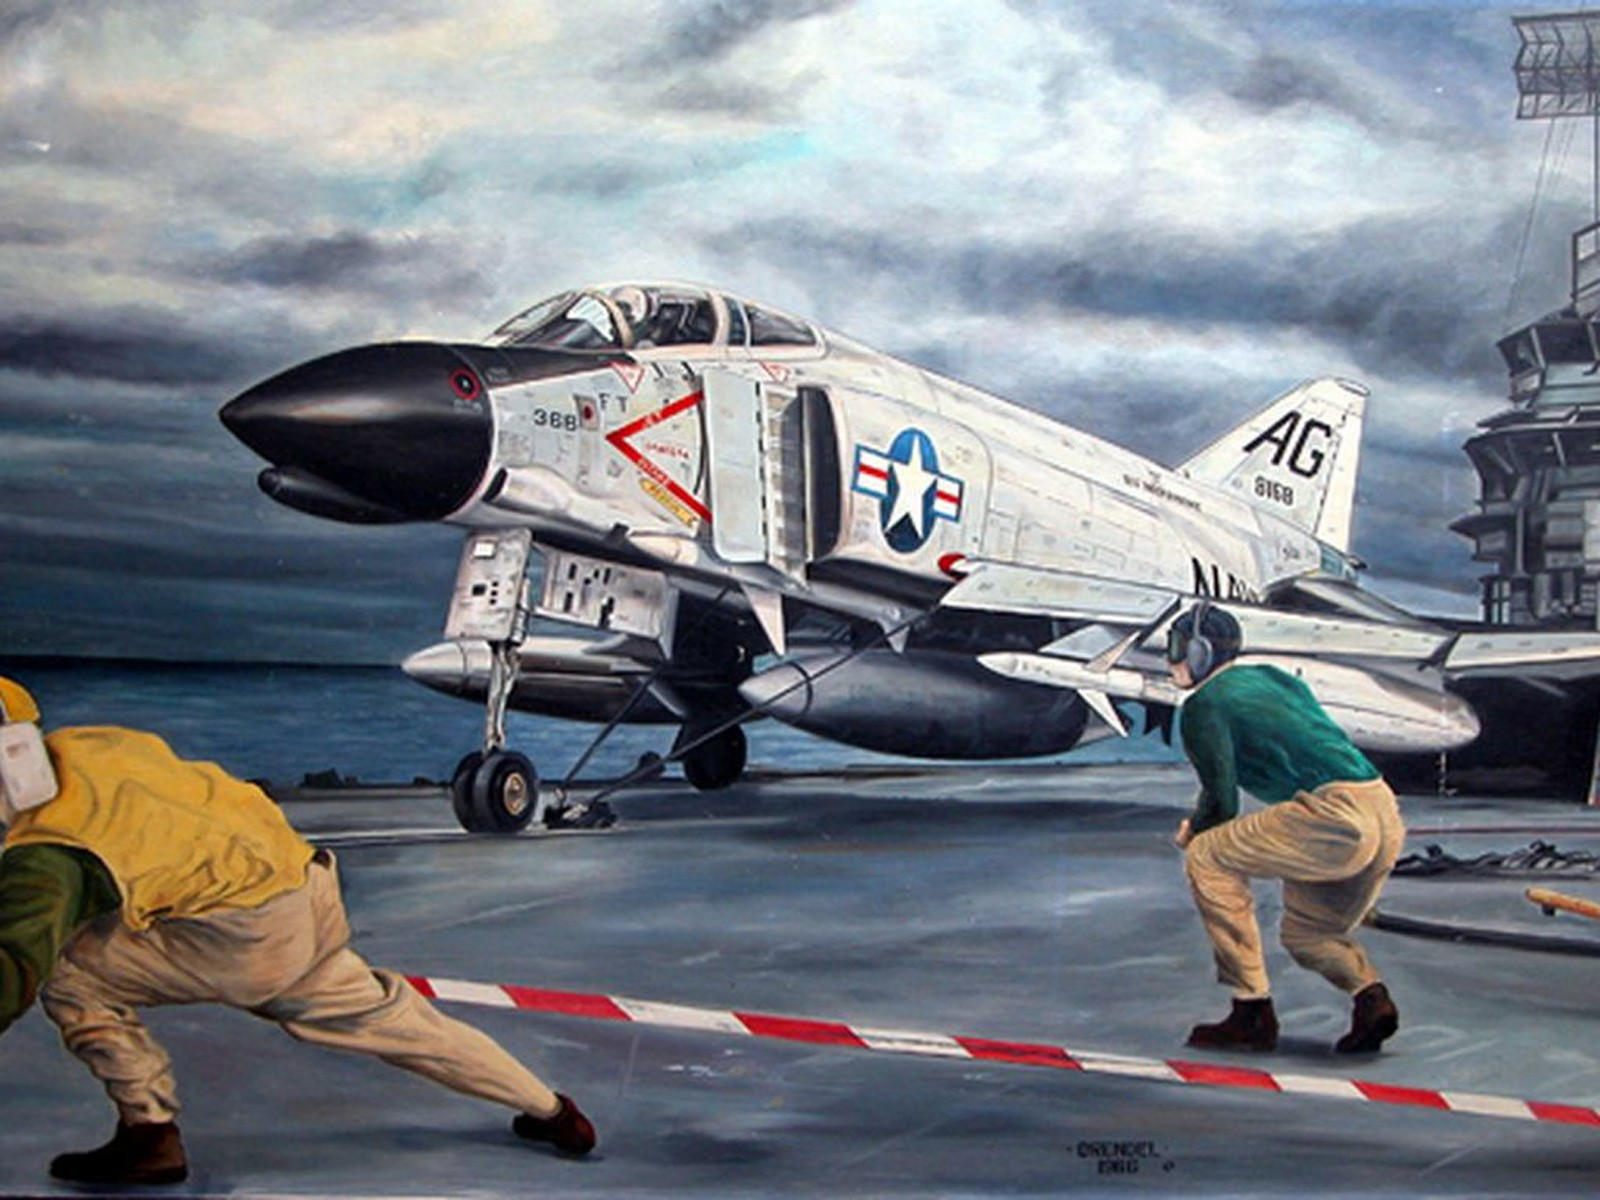 Самолёт Истребитель F-4 Phantom на палубе корабля